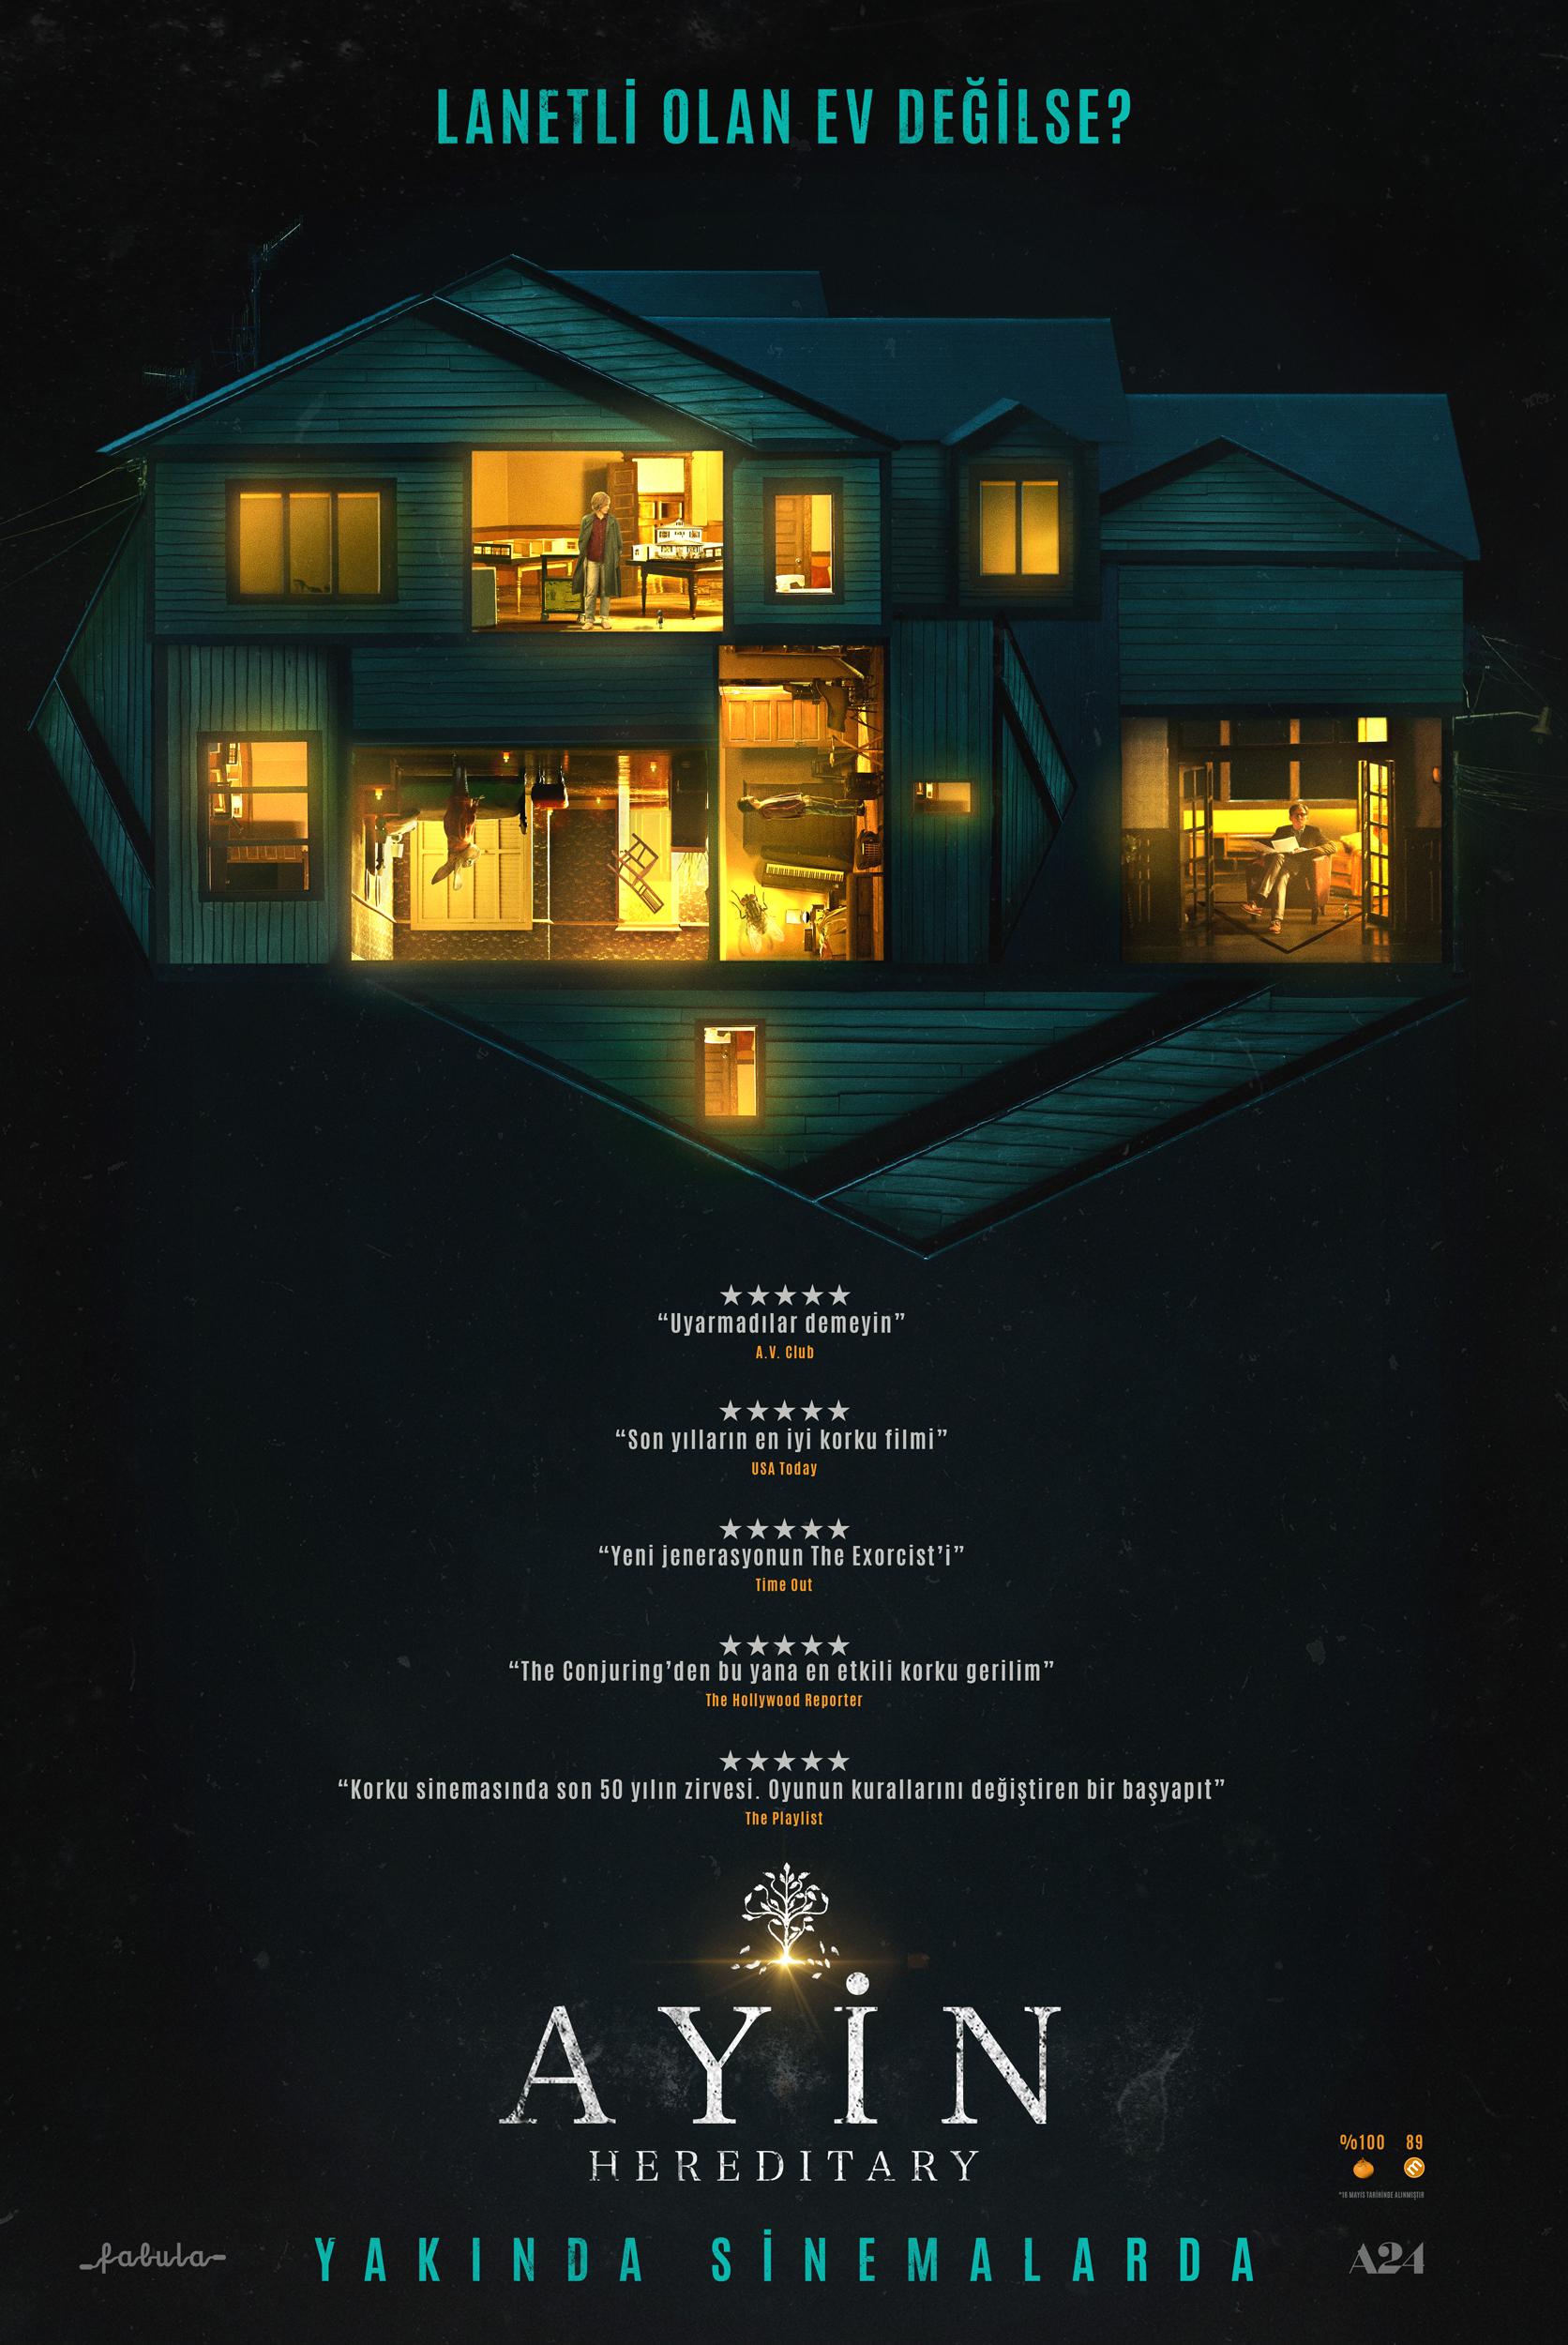 Ayin Yılın En İyi Korku Filmi mi? 1 – Ayin Hereditary Teaser afis